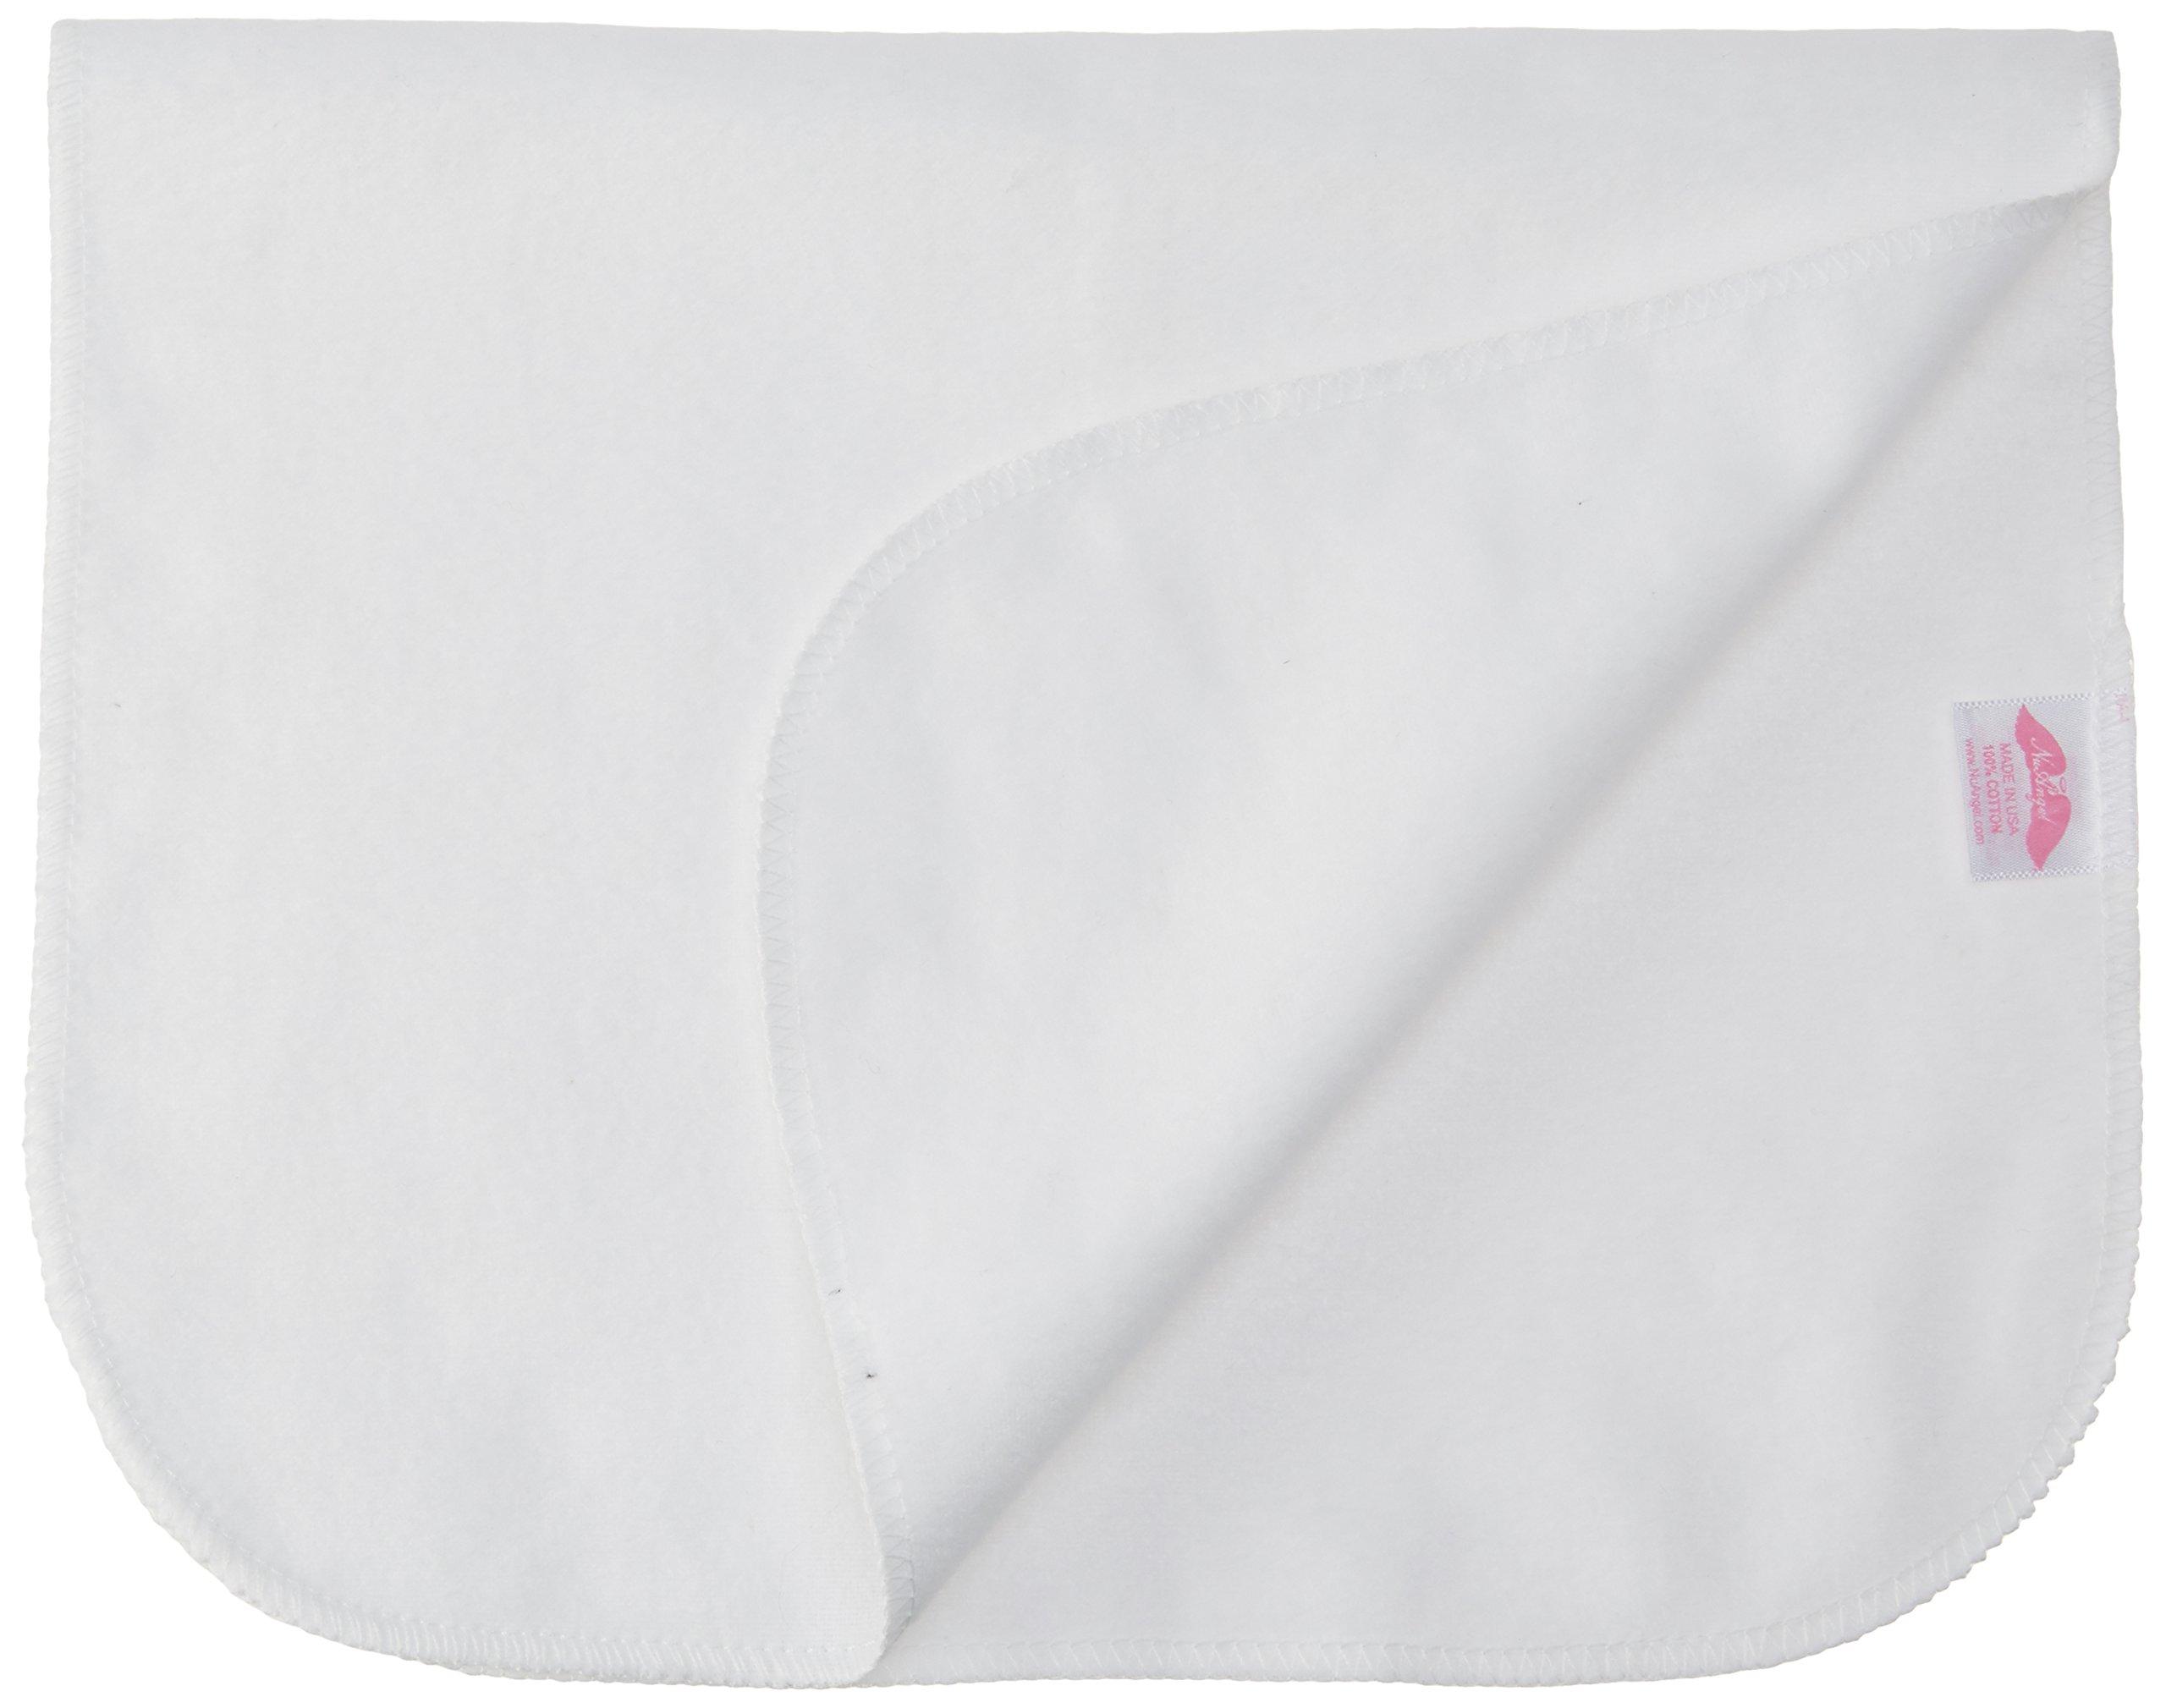 NuAngel 12 Piece Cotton Burp Cloths, White by NuAngel